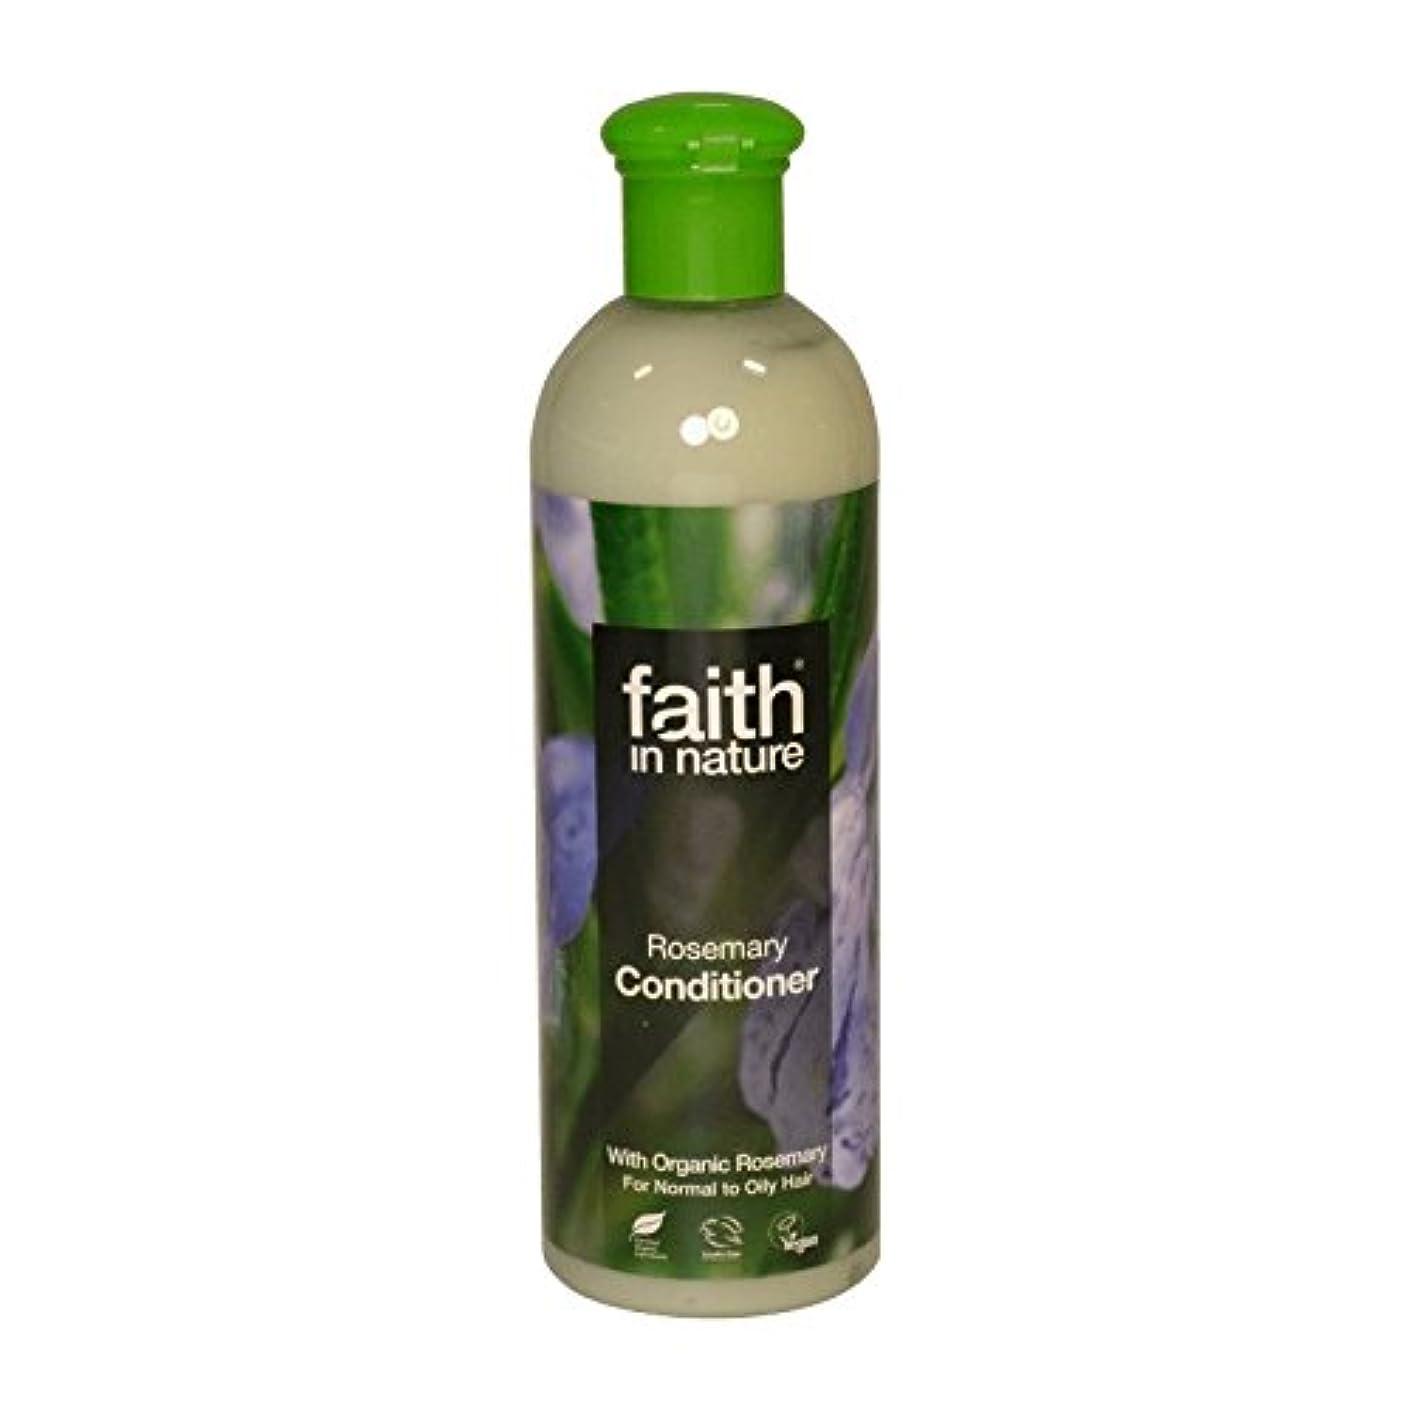 借りる決定改革Faith in Nature Rosemary Conditioner 400ml (Pack of 2) - 自然ローズマリーコンディショナー400ミリリットルの信仰 (x2) [並行輸入品]